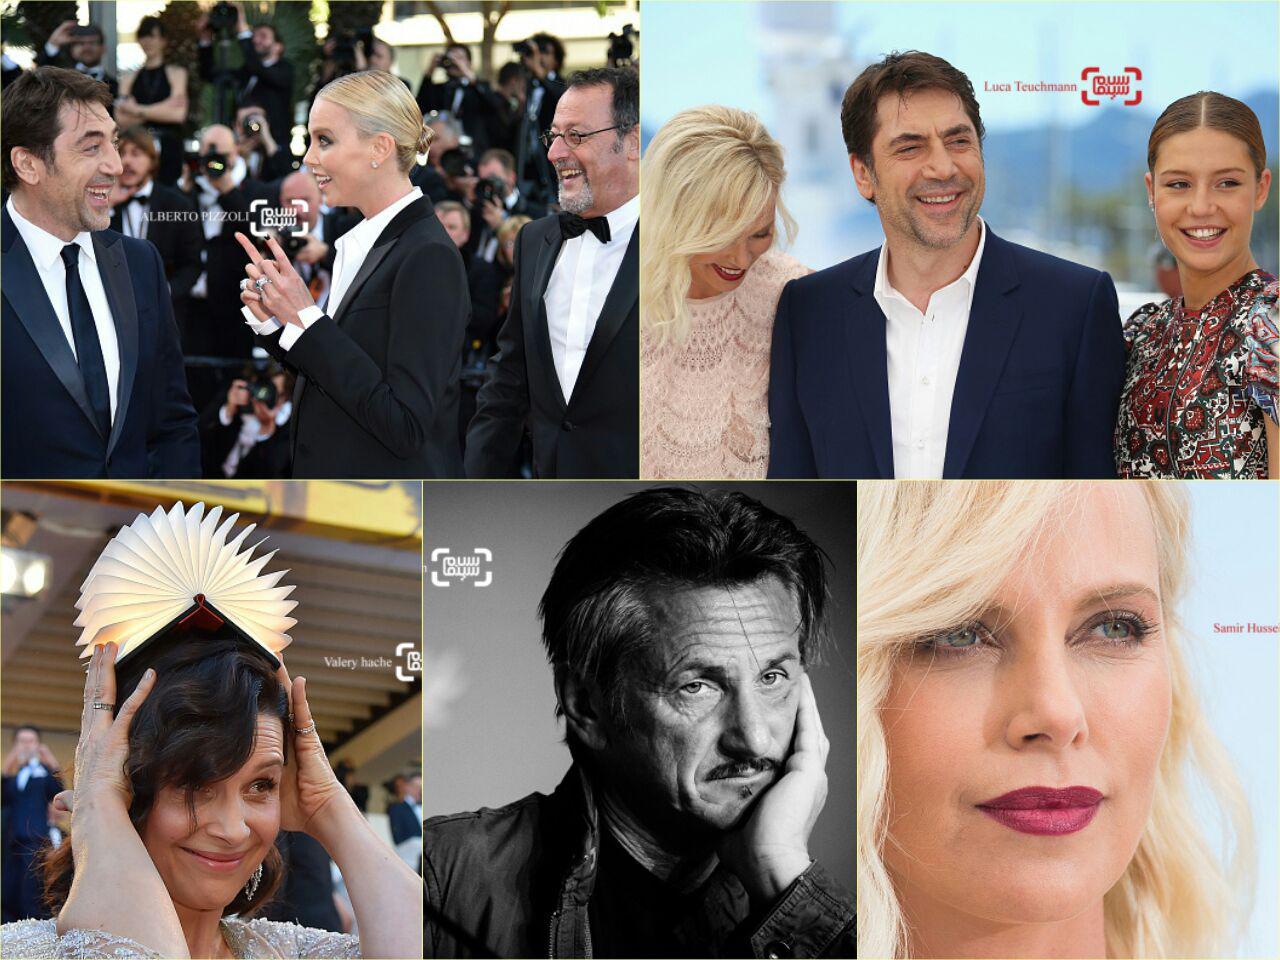 گزارش تصویری روز نهم جشنواره کن 2016 با حضور شارلیز ترون و شان پن